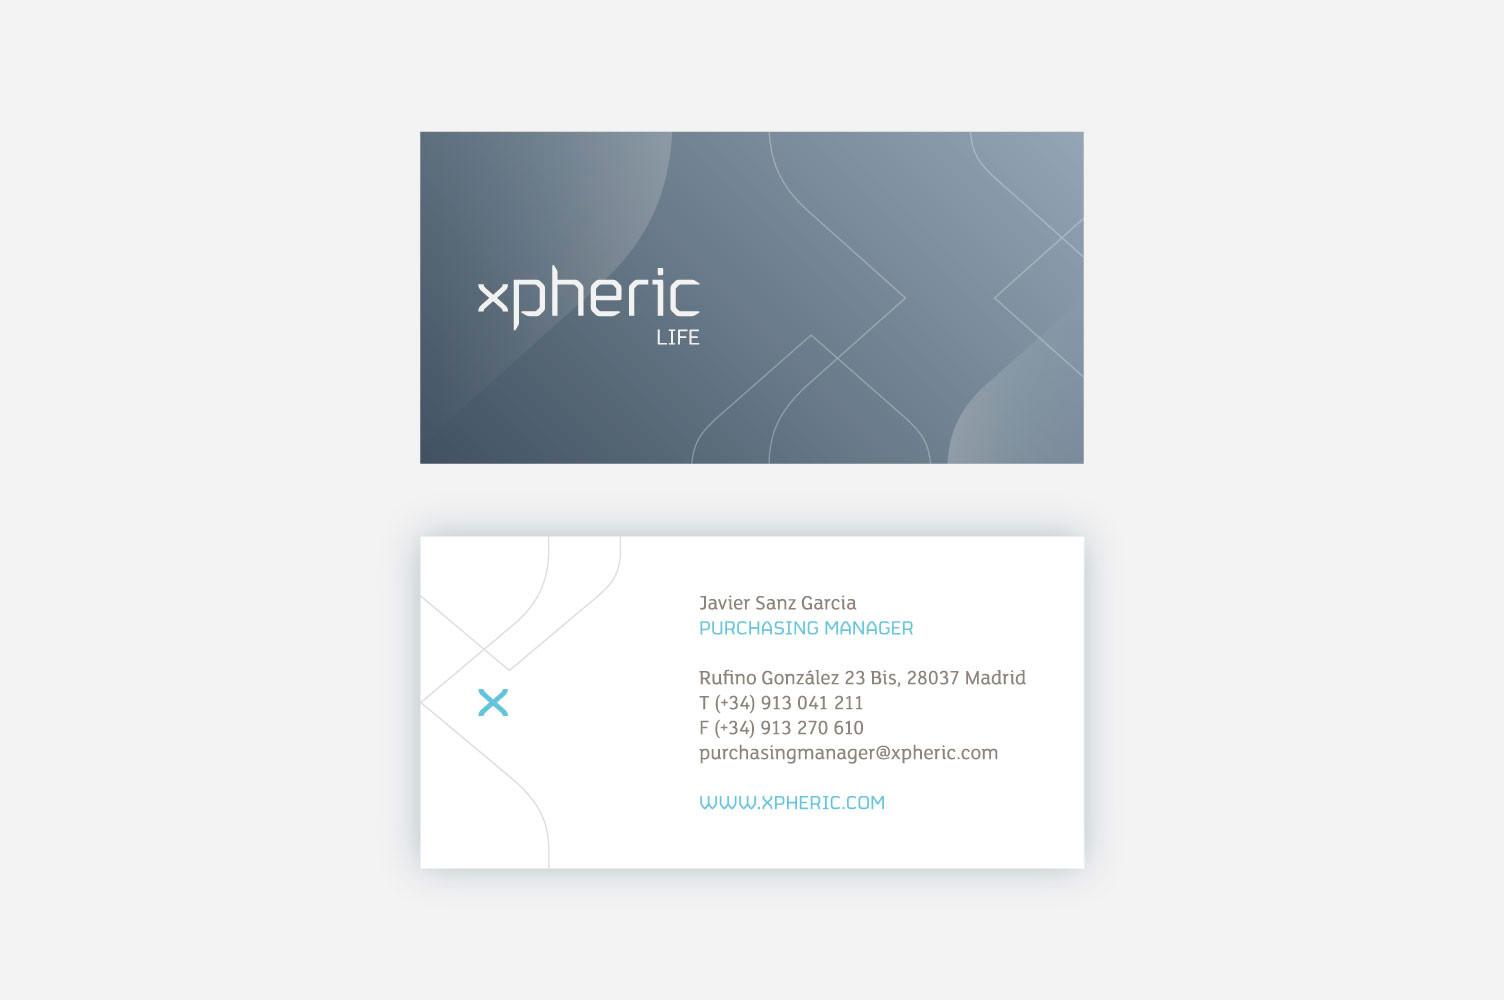 Diseño de tarjetas xpheric v2